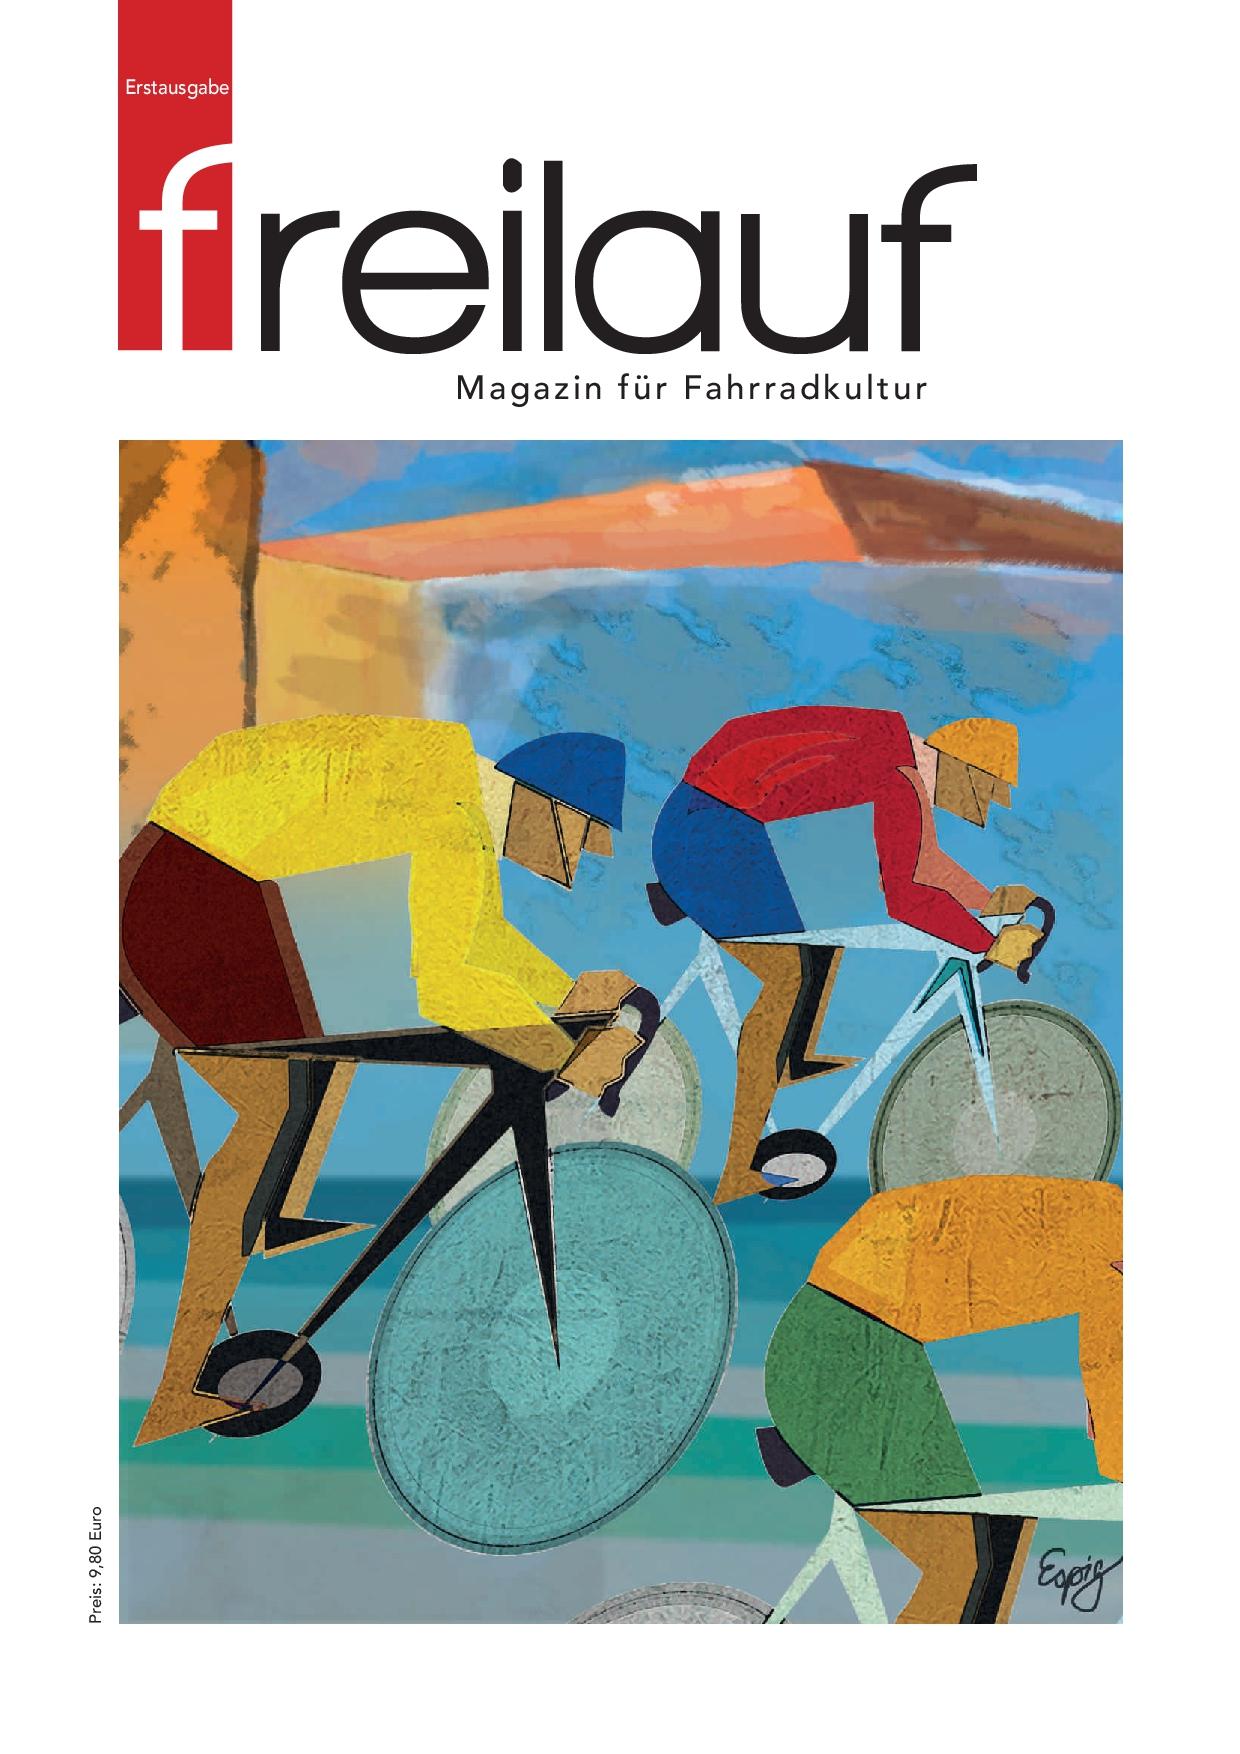 freilauf - Magazin für Fahrradkultur